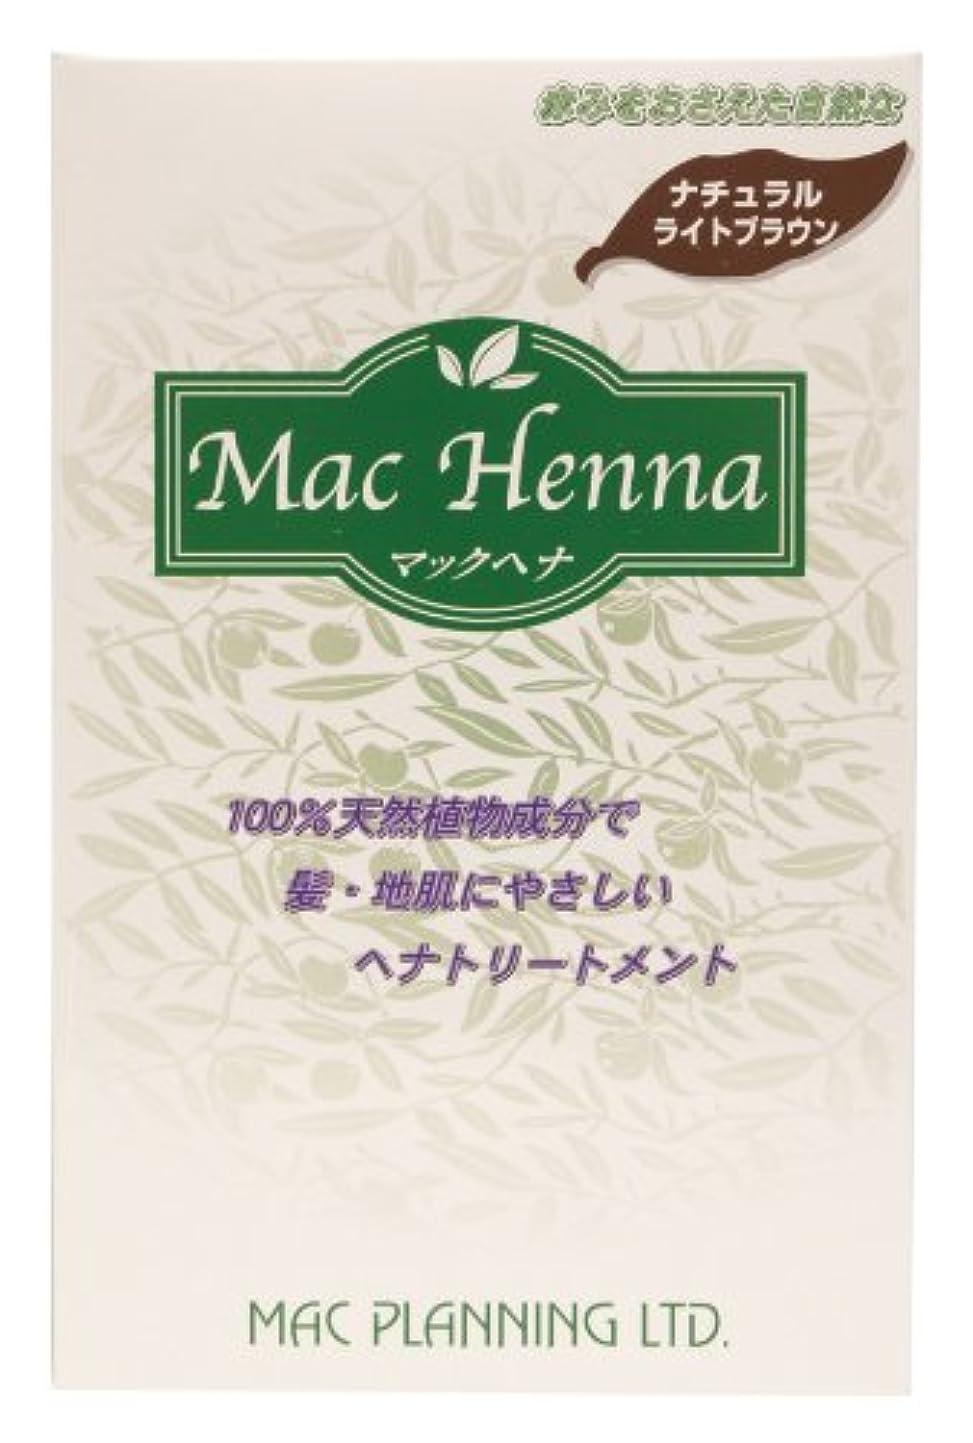 誕生顕著ブルジョン天然植物原料100% 無添加 マックヘナ(ナチュラルライトブラウン)‐4 100g  6箱セット